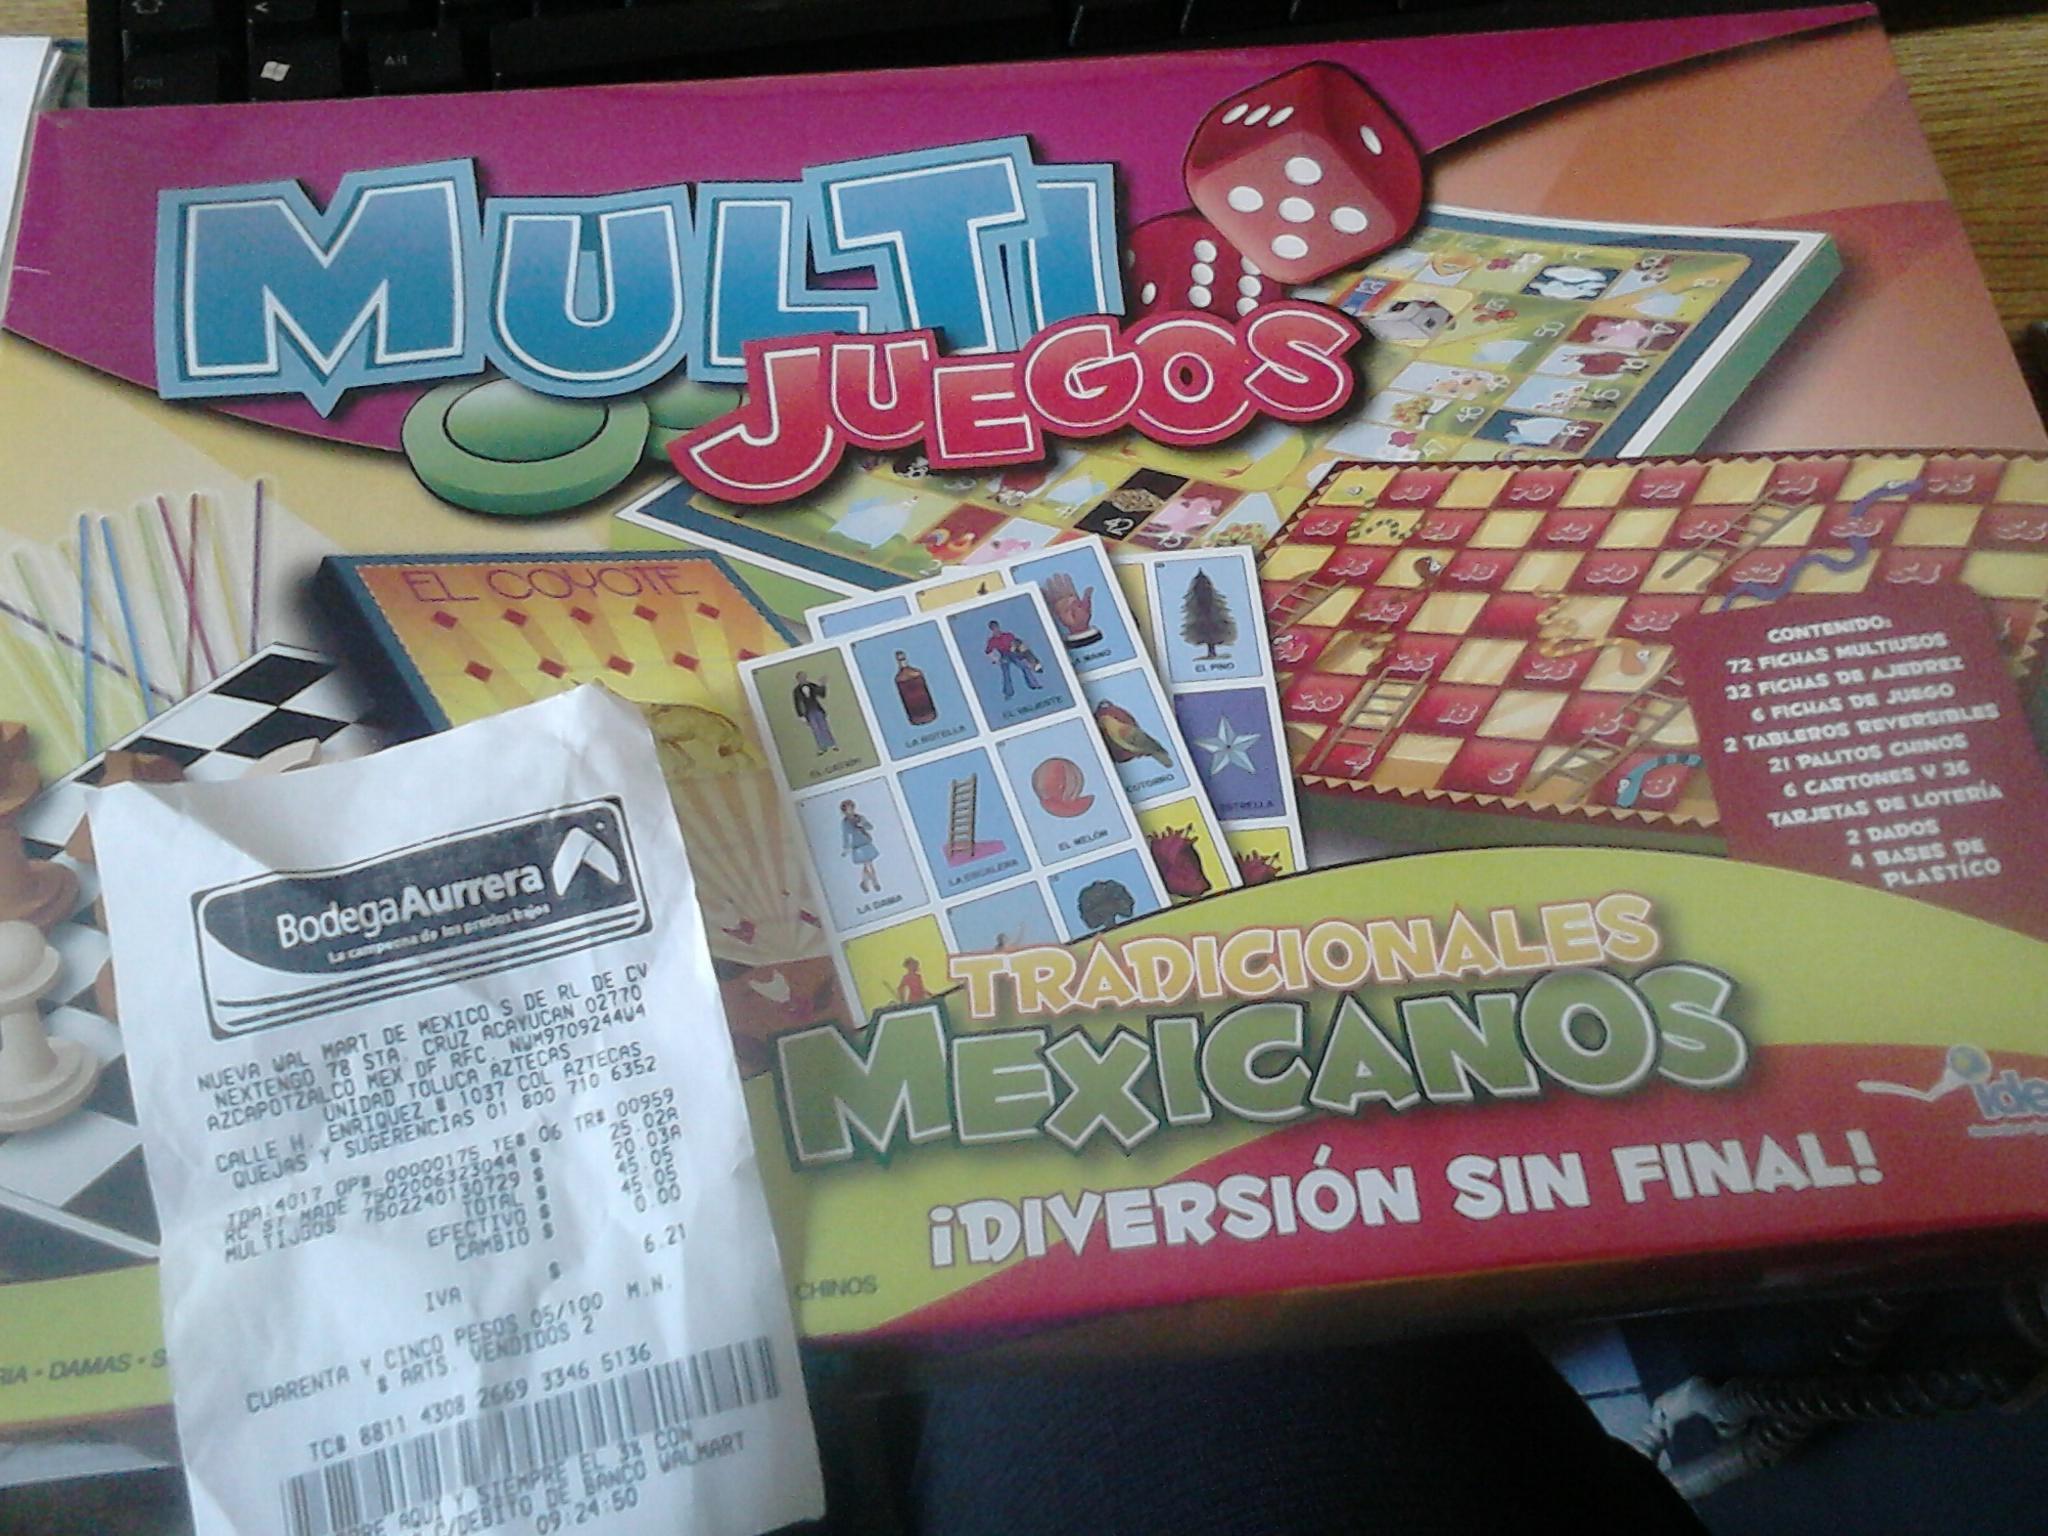 Bodega Aurrerá: Multijuegos Tradicionales Mexicanos $20.03